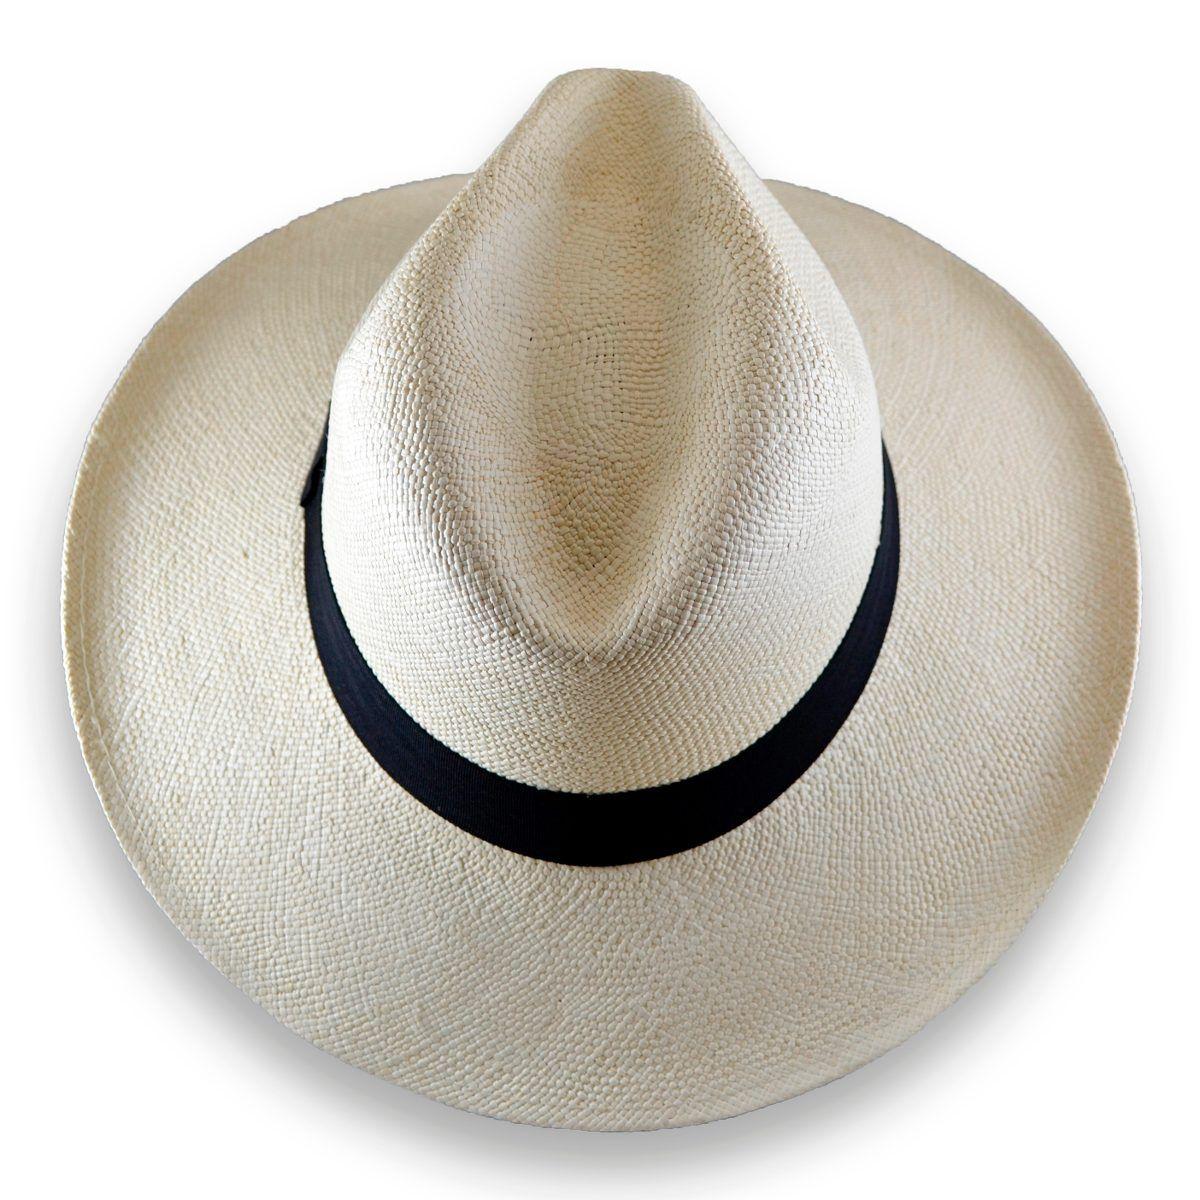 Sombrero panamá de ecuador jipijapa para hombre boda jpg 1200x1200 Sombrero  panama abd4f1d234d